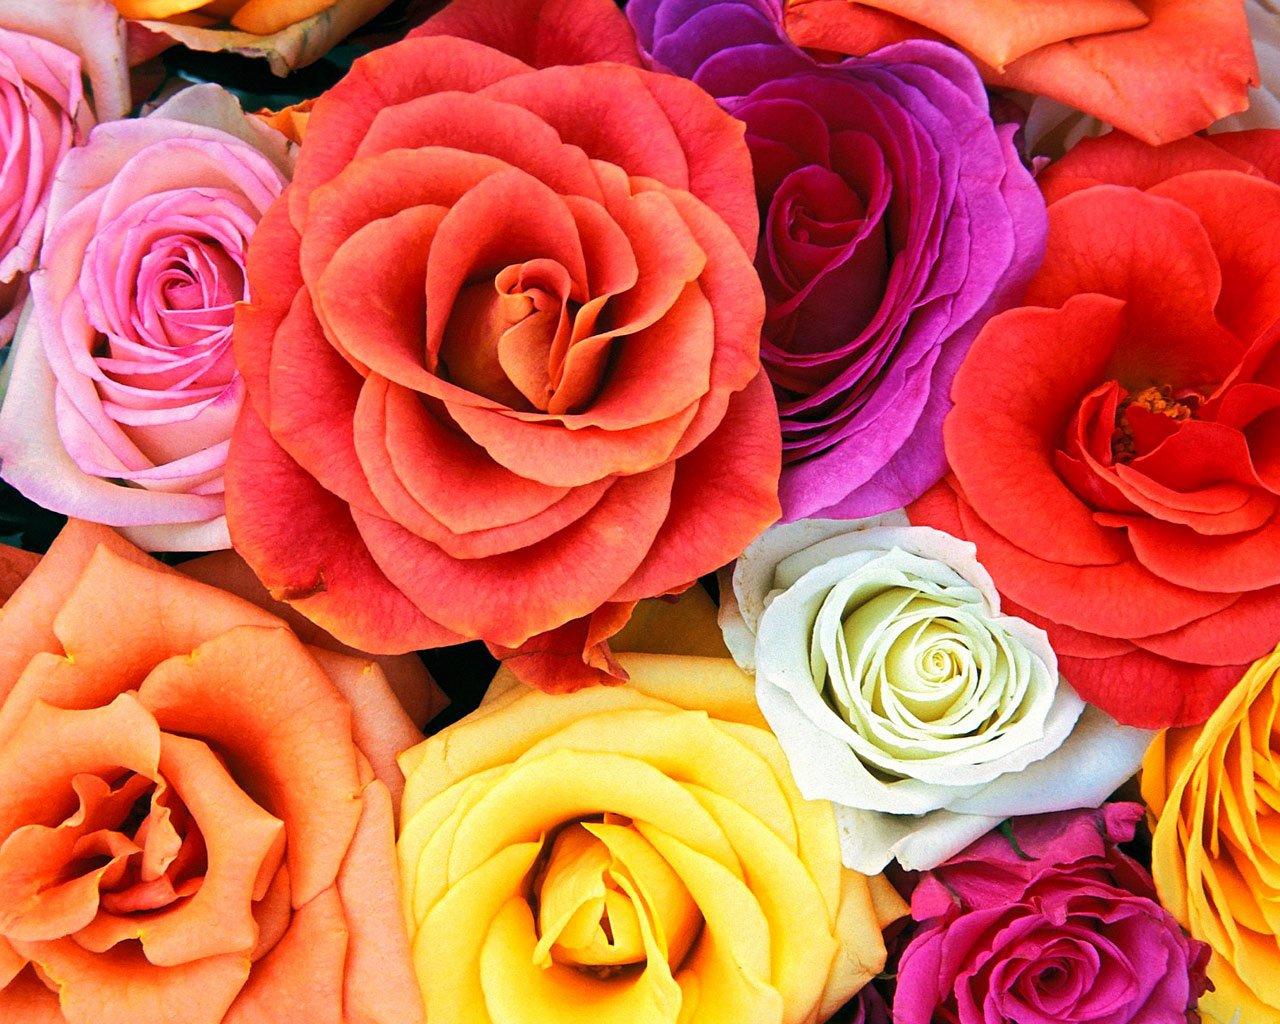 Free Flower Desktop Wallpaper Lovely Free Desktop Wallpapers